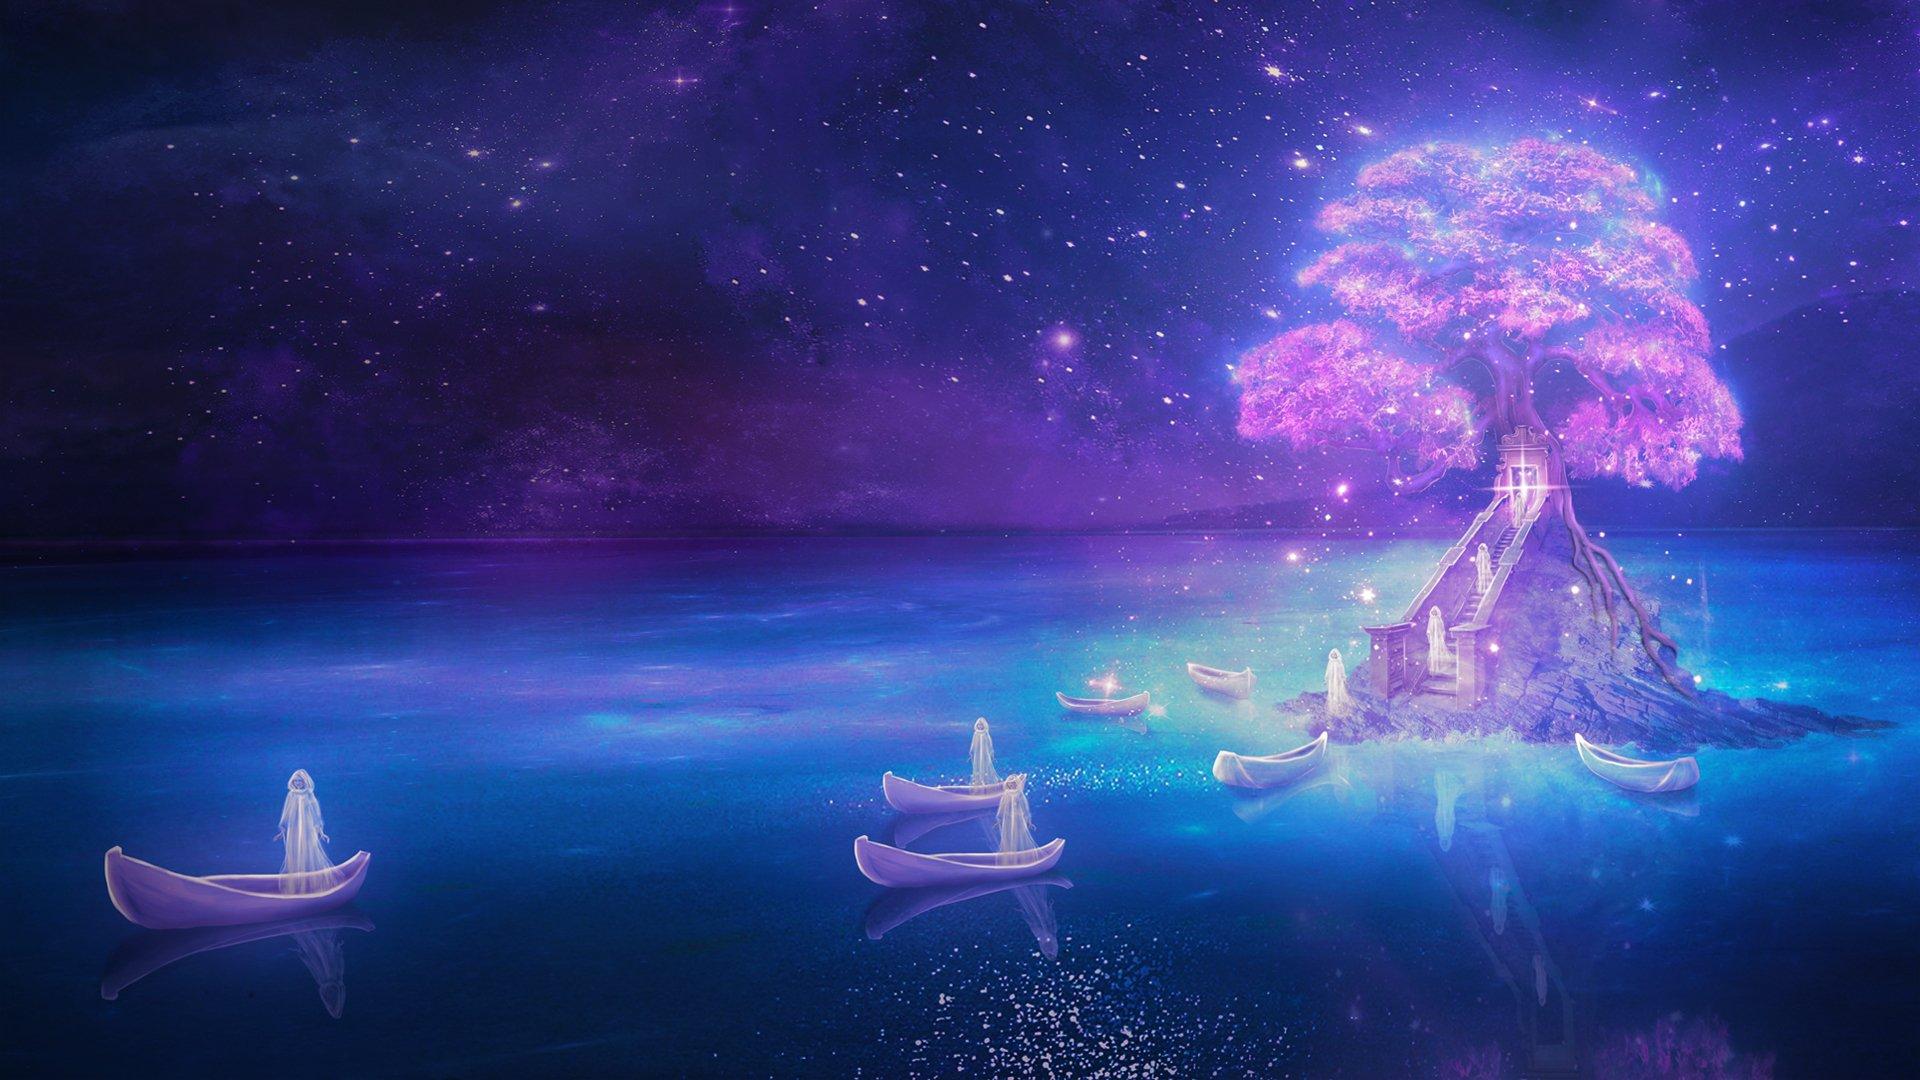 Обои рисунок, Вода, лодки, ночь, свет. Разное foto 8